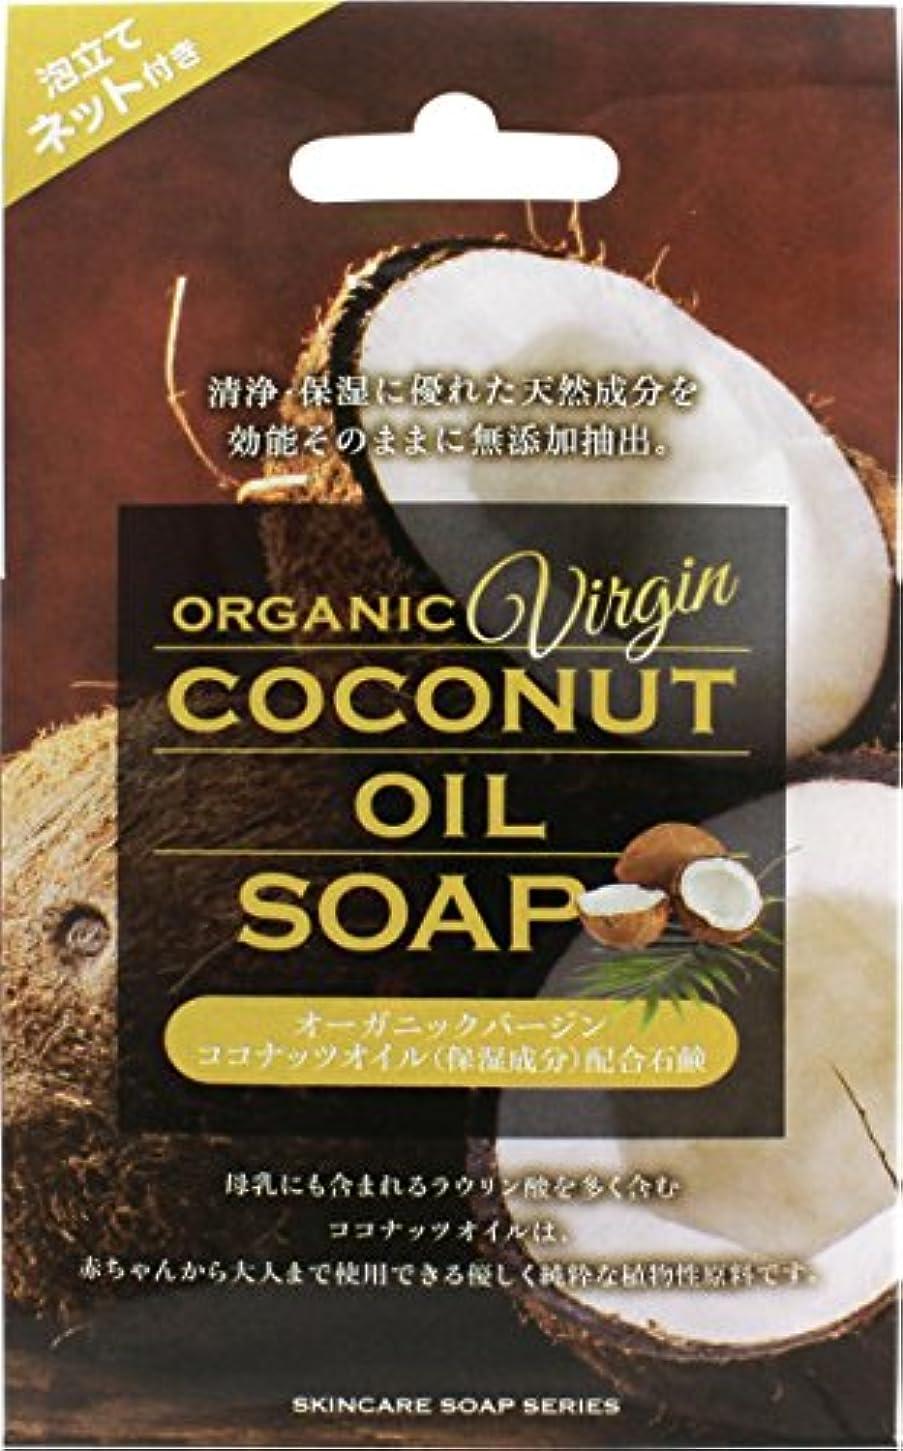 優雅十代の若者たち見分けるココナッツオイル配合ソープ CCO 80G